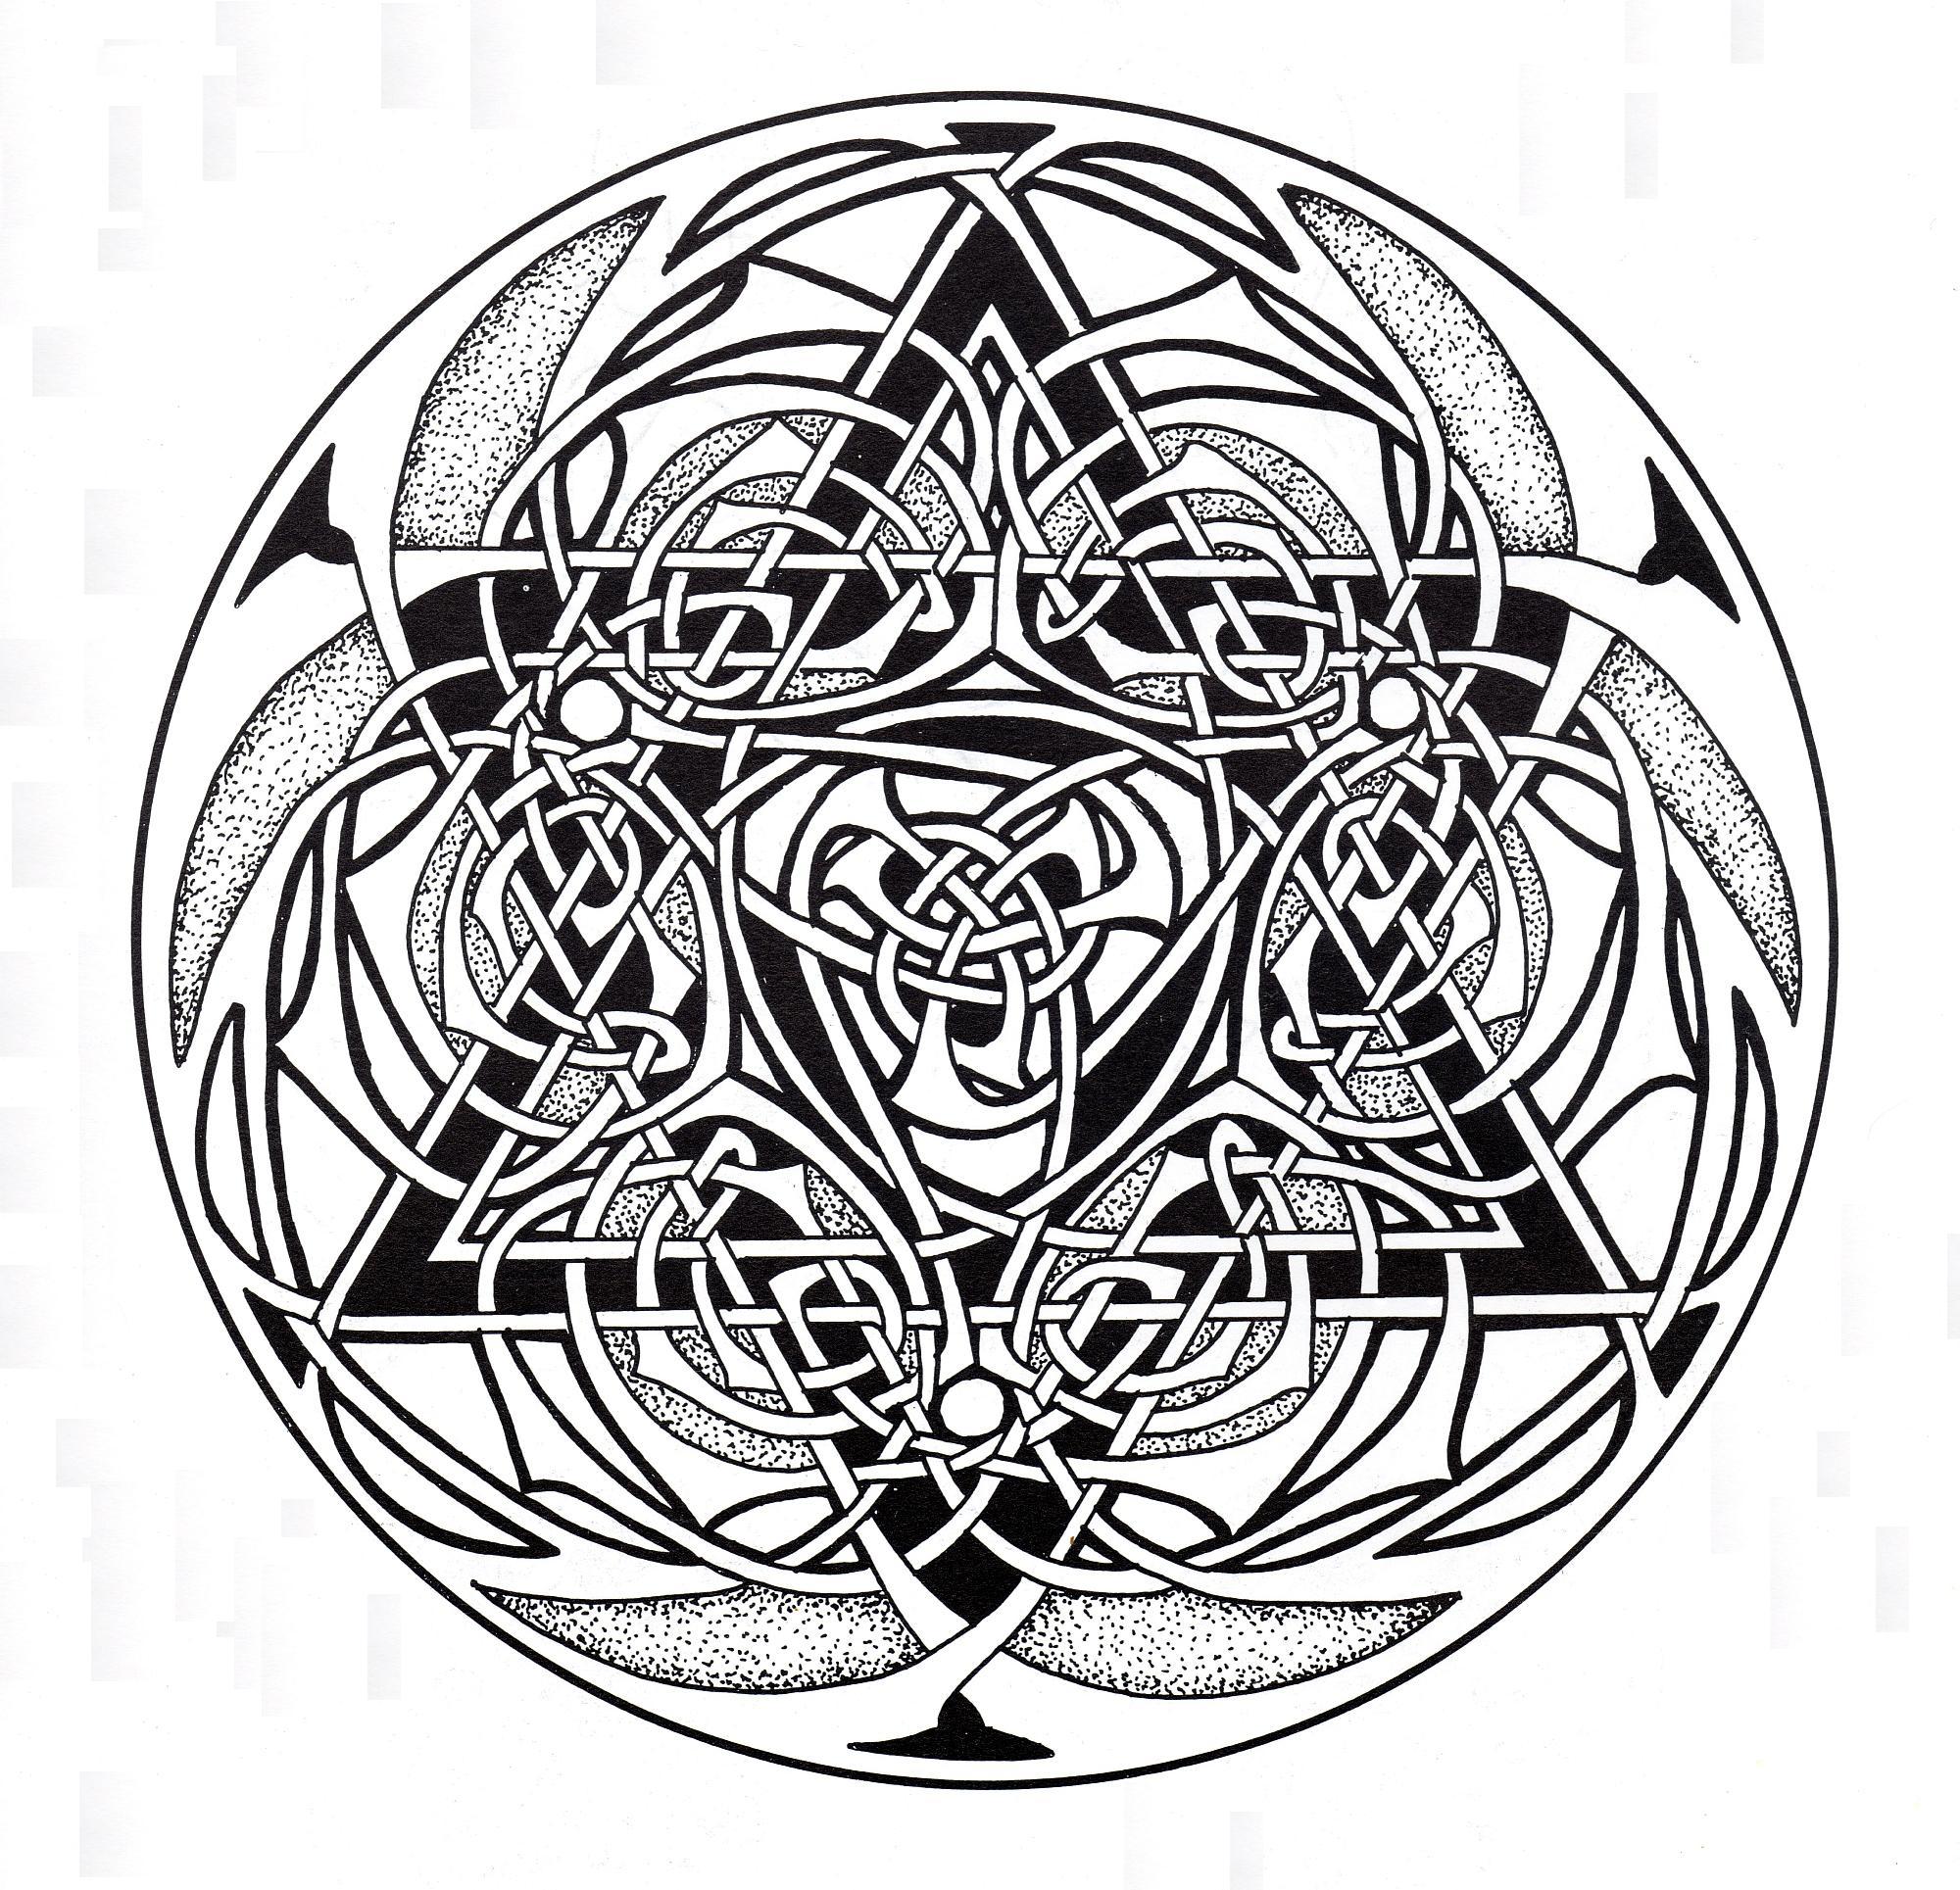 Art celtique : éléments entrelacés ressemblant à un Mandala